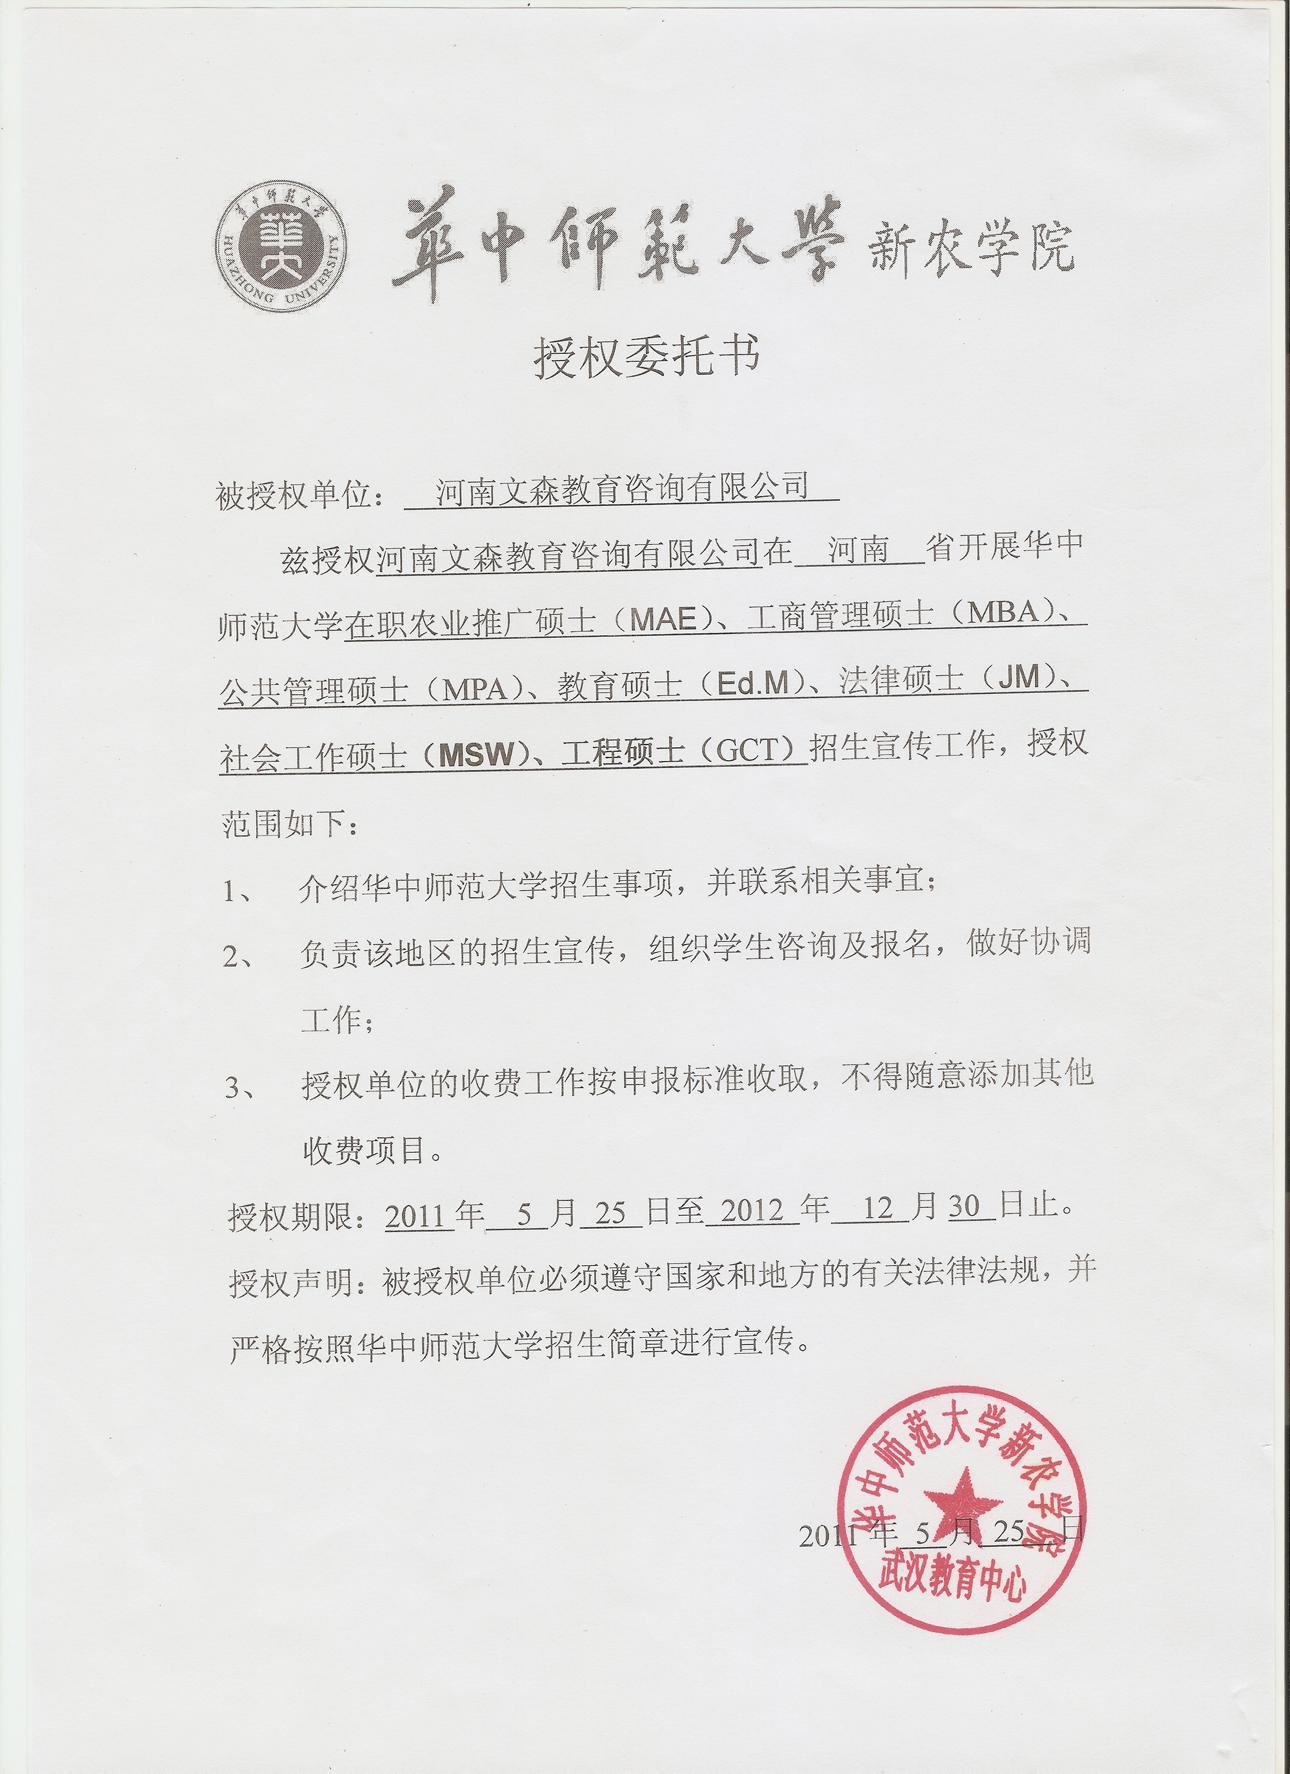 华中师范大学授权委托书